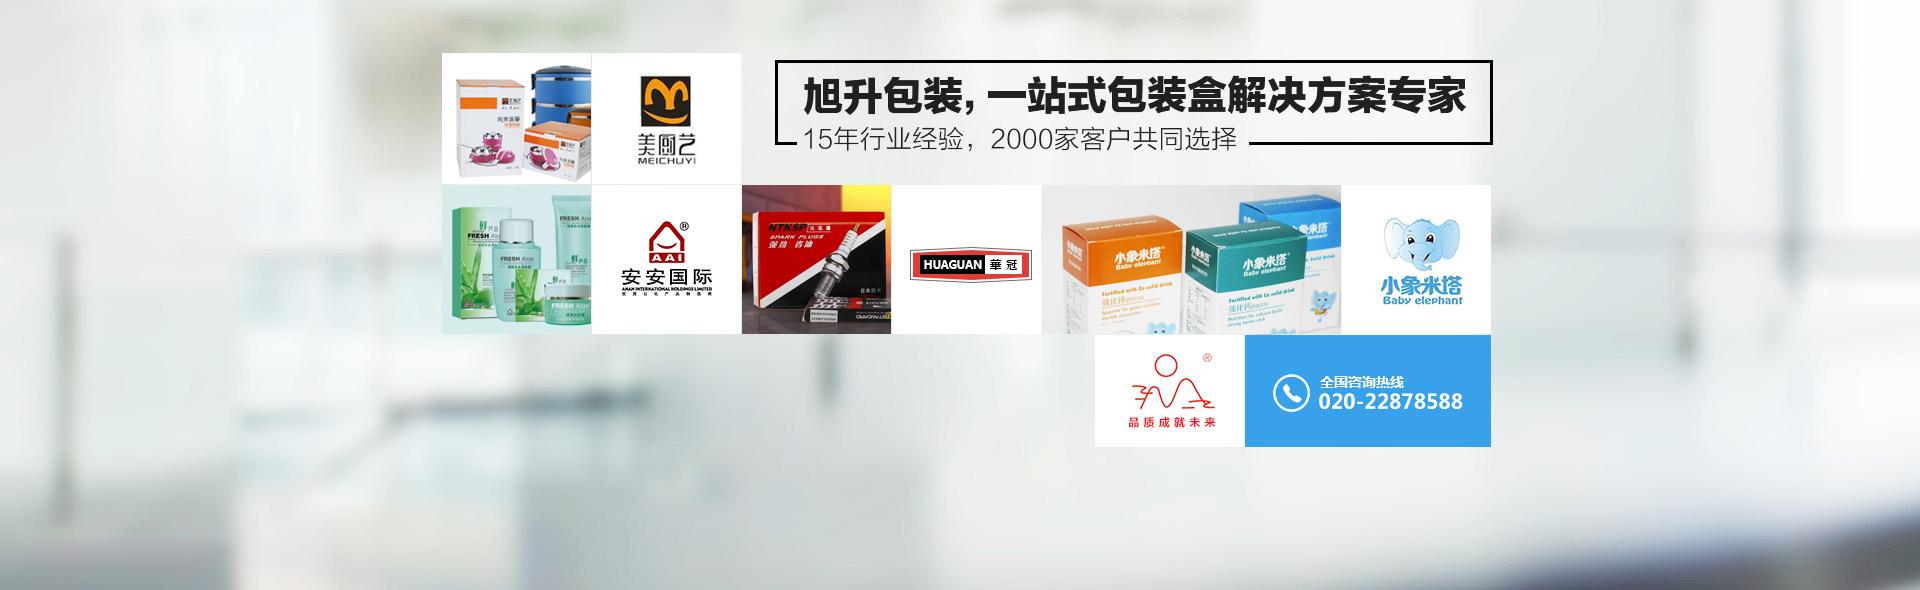 山东彩盒包装厂家彩色印刷工艺-济南尚邦佳品包装制品有限公司